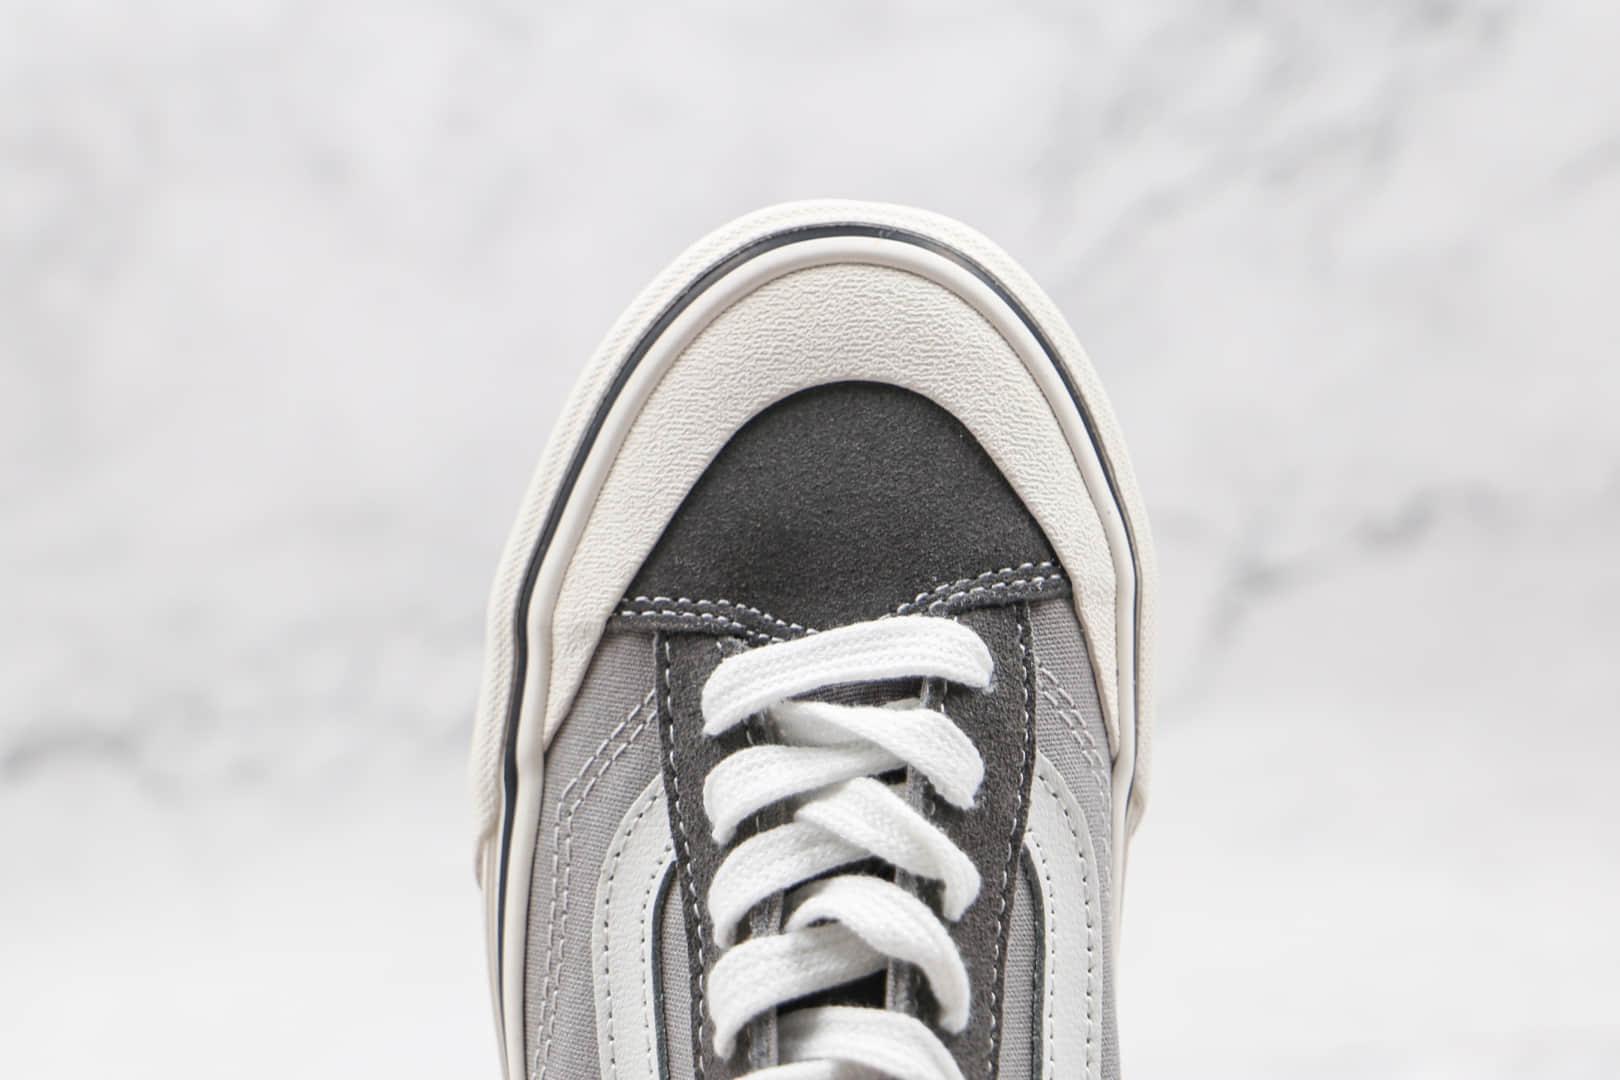 万斯Vans Style 36 Decon SF公司级版本低帮半月包头杀人鲸酷灰奶奶灰棋盘格硫化板鞋原盒原标 货号:VN0A3MVL195